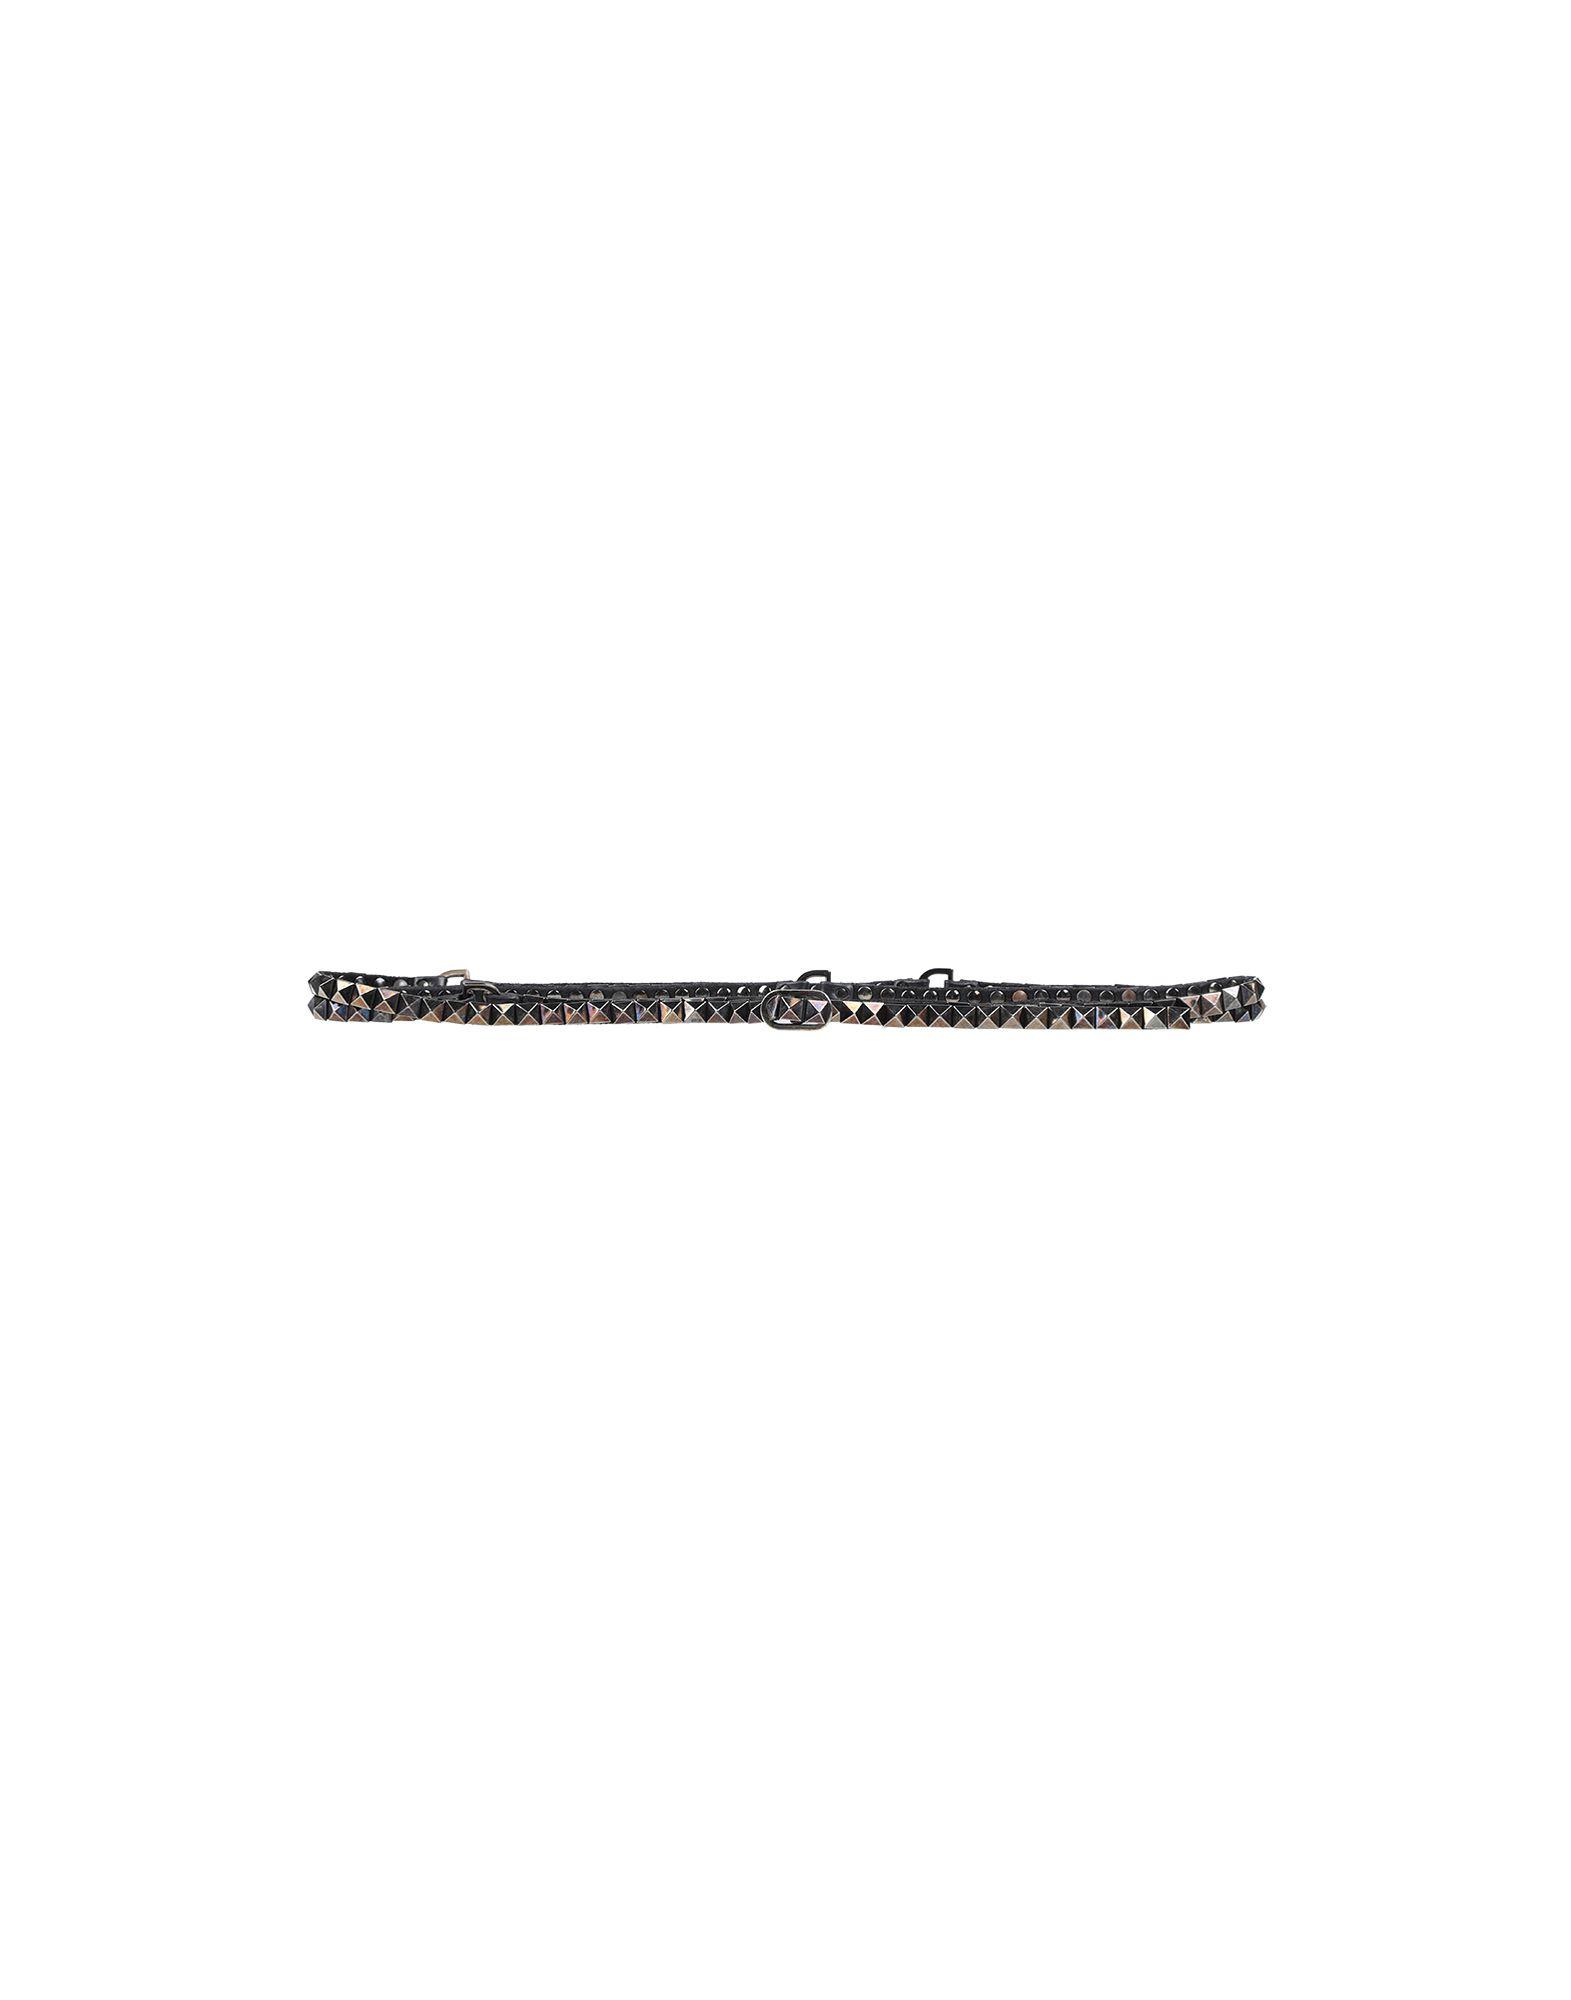 CAMPOMAGGI Belts in Black